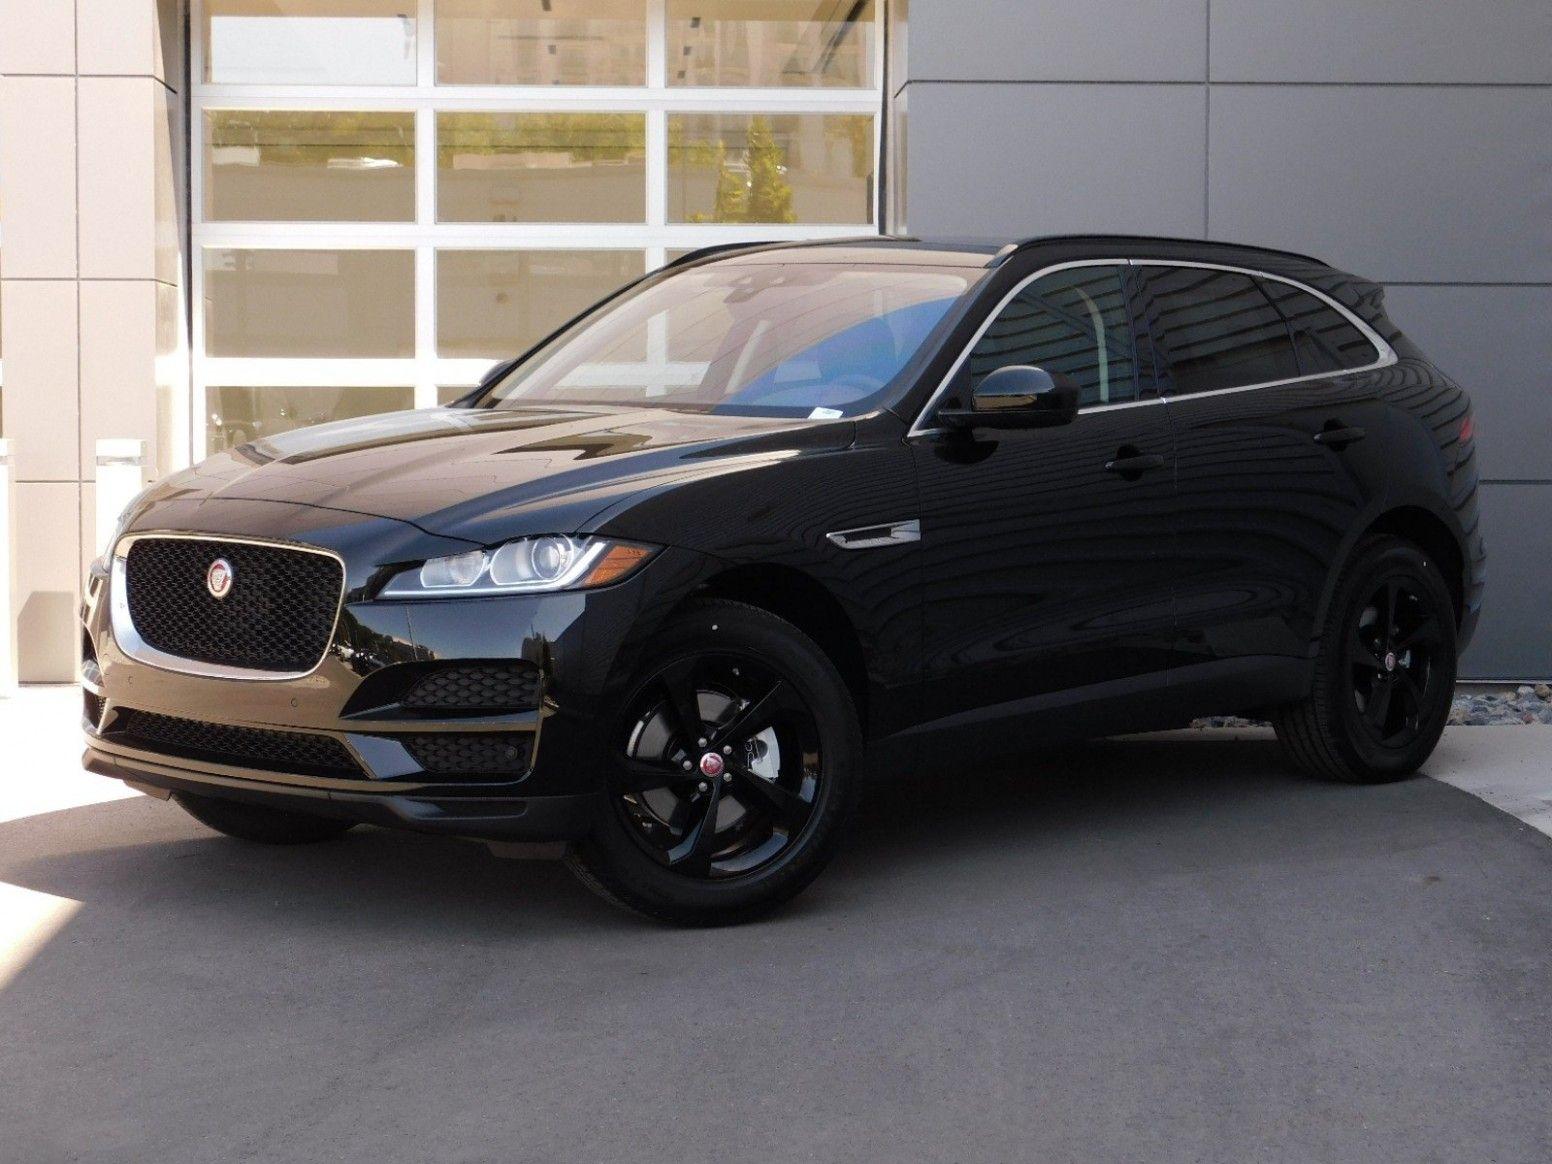 jaguar jeep 2020 images